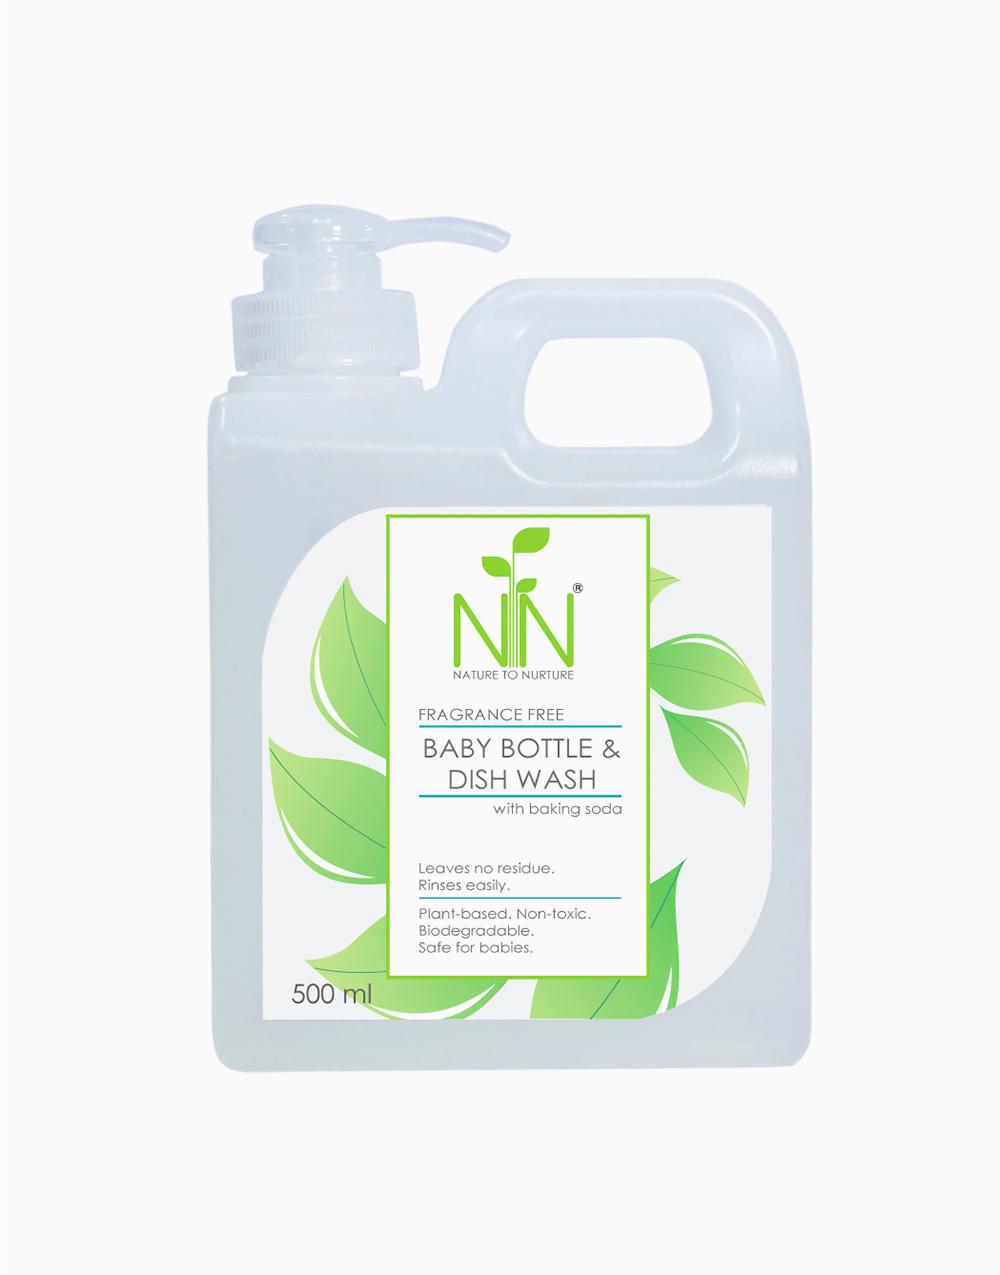 Baby Bottle & Dish Wash (500ml) by Nature to Nurture